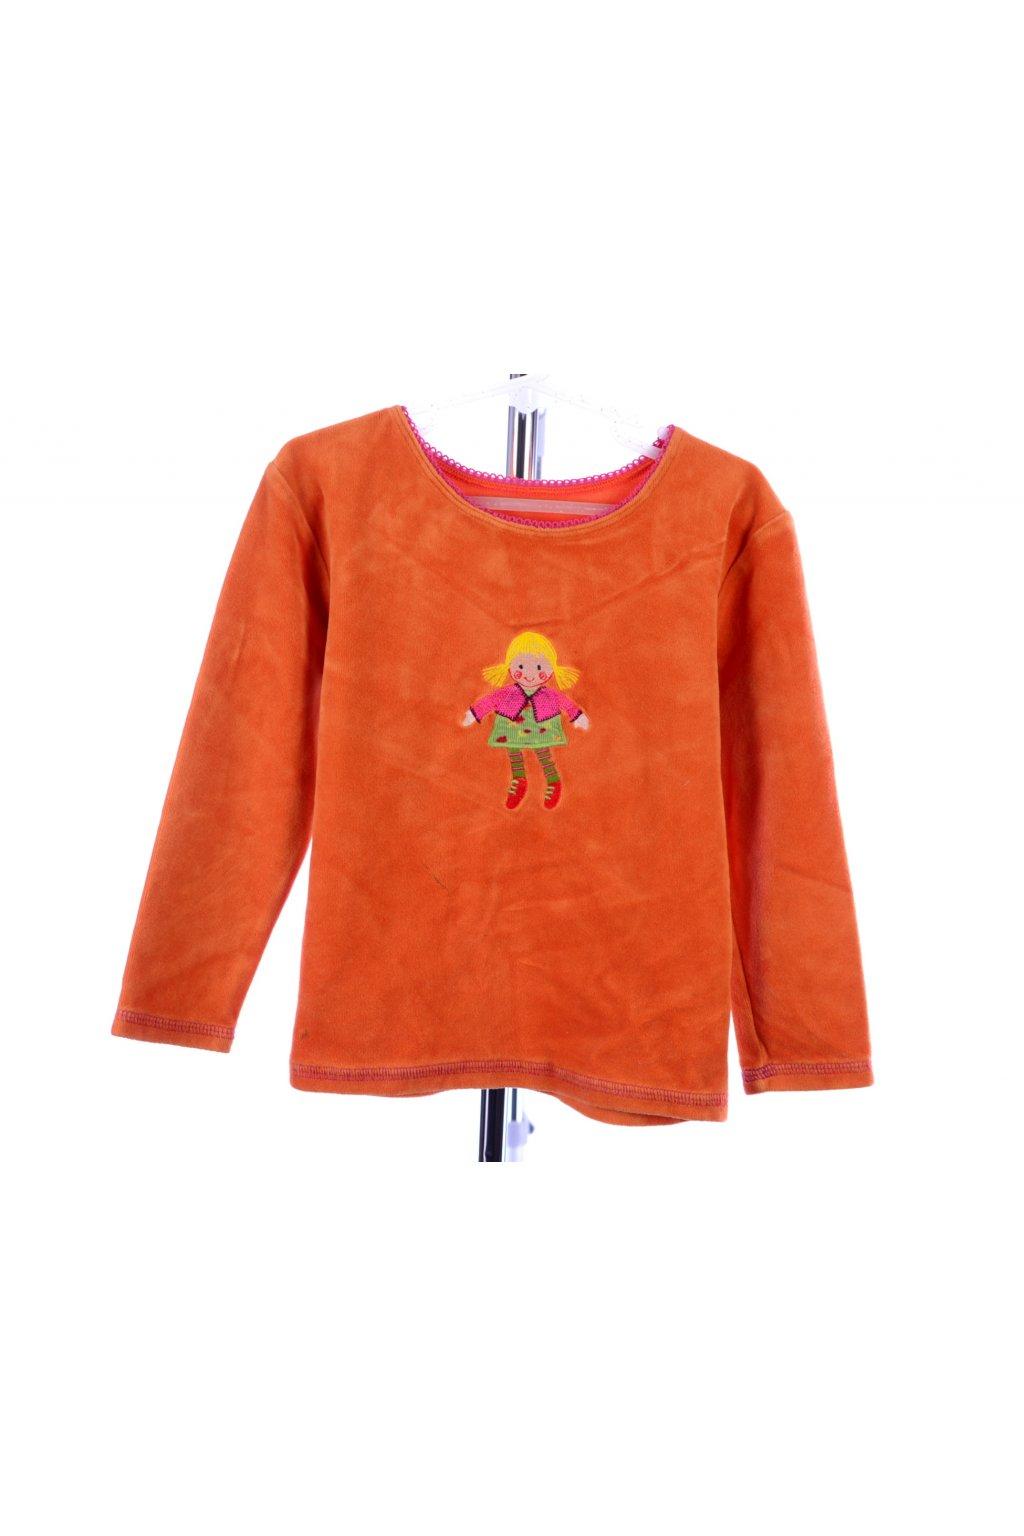 Tričko sametové Marks&Spencer 116 oranžové